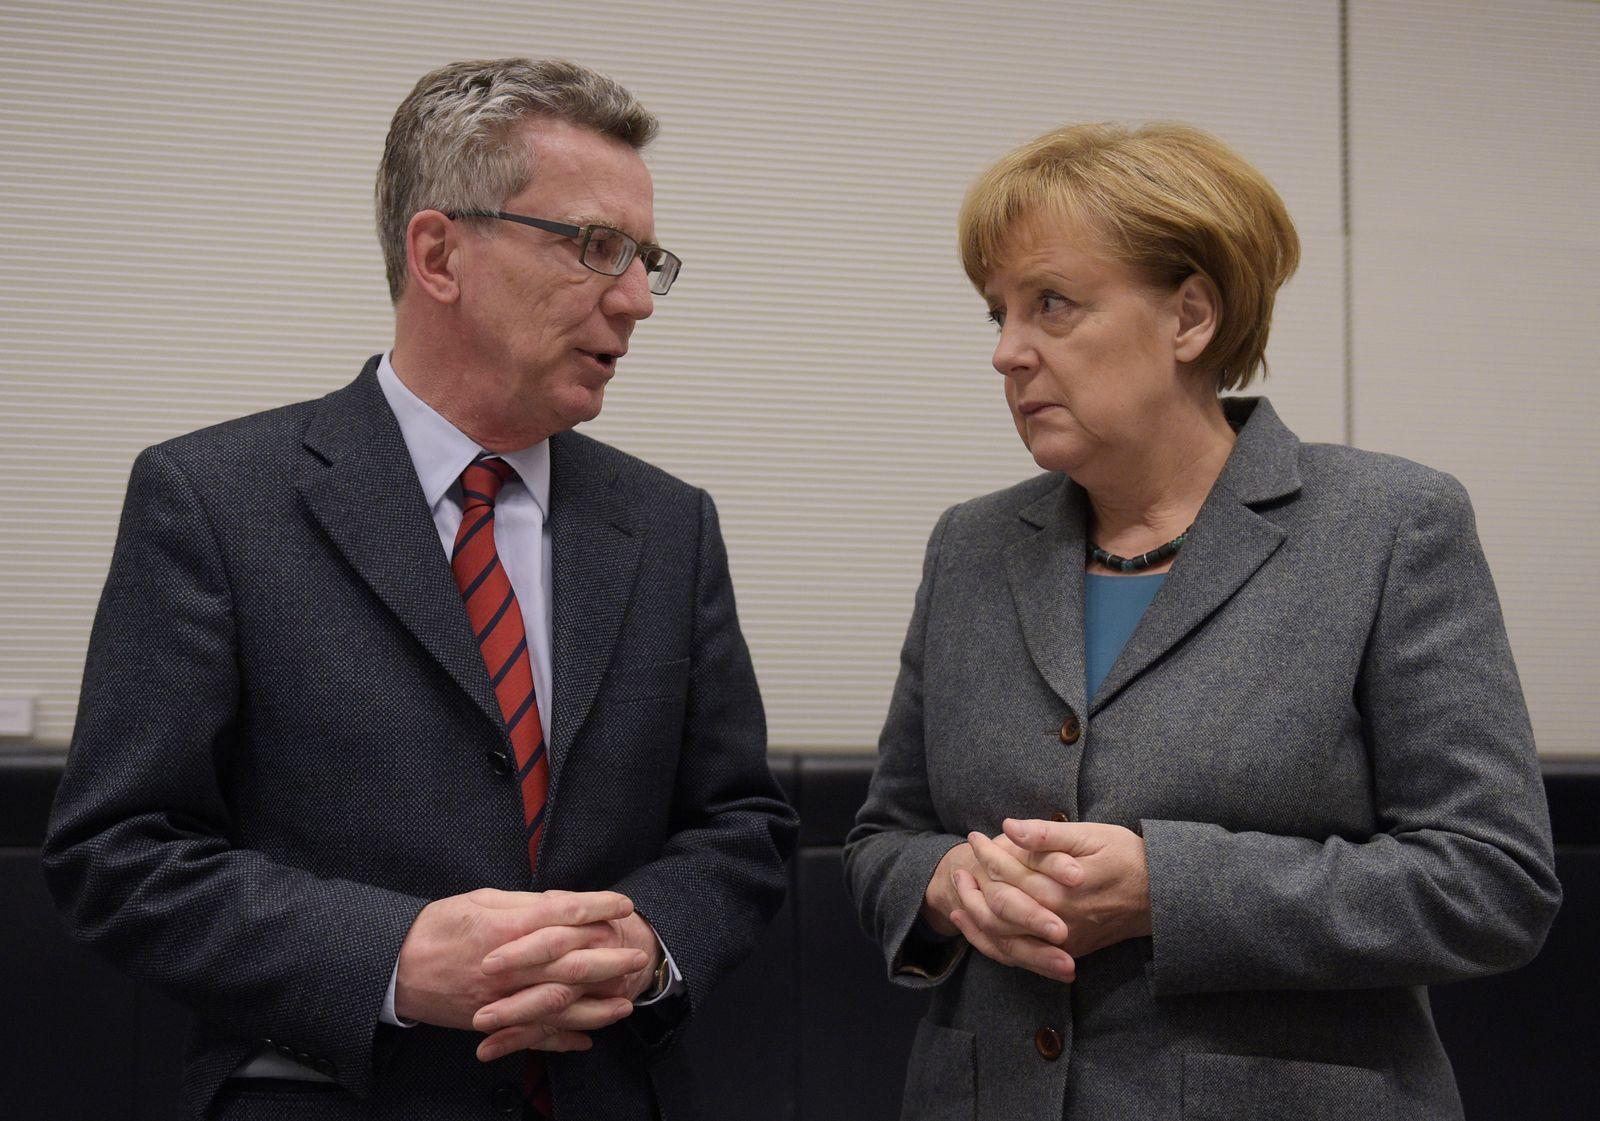 Merkel/ de Maiziere